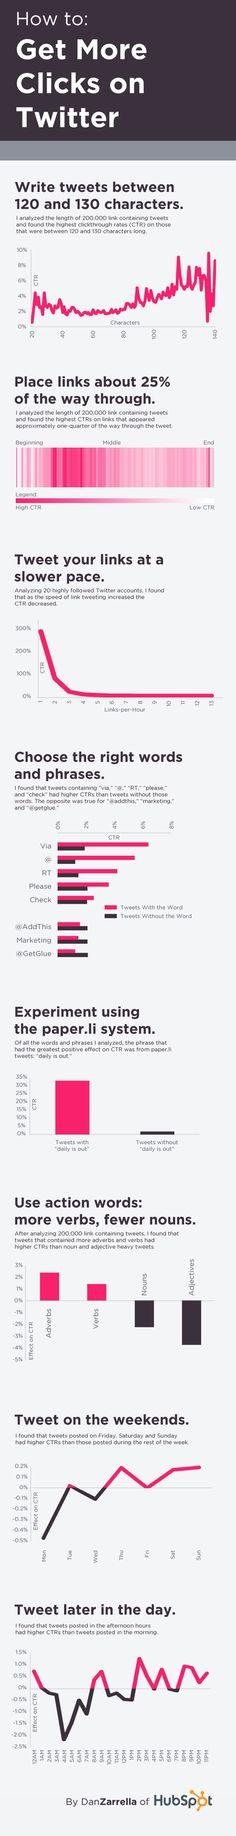 ¿Cómo incrementar los clics con tus Tweets? #infografía